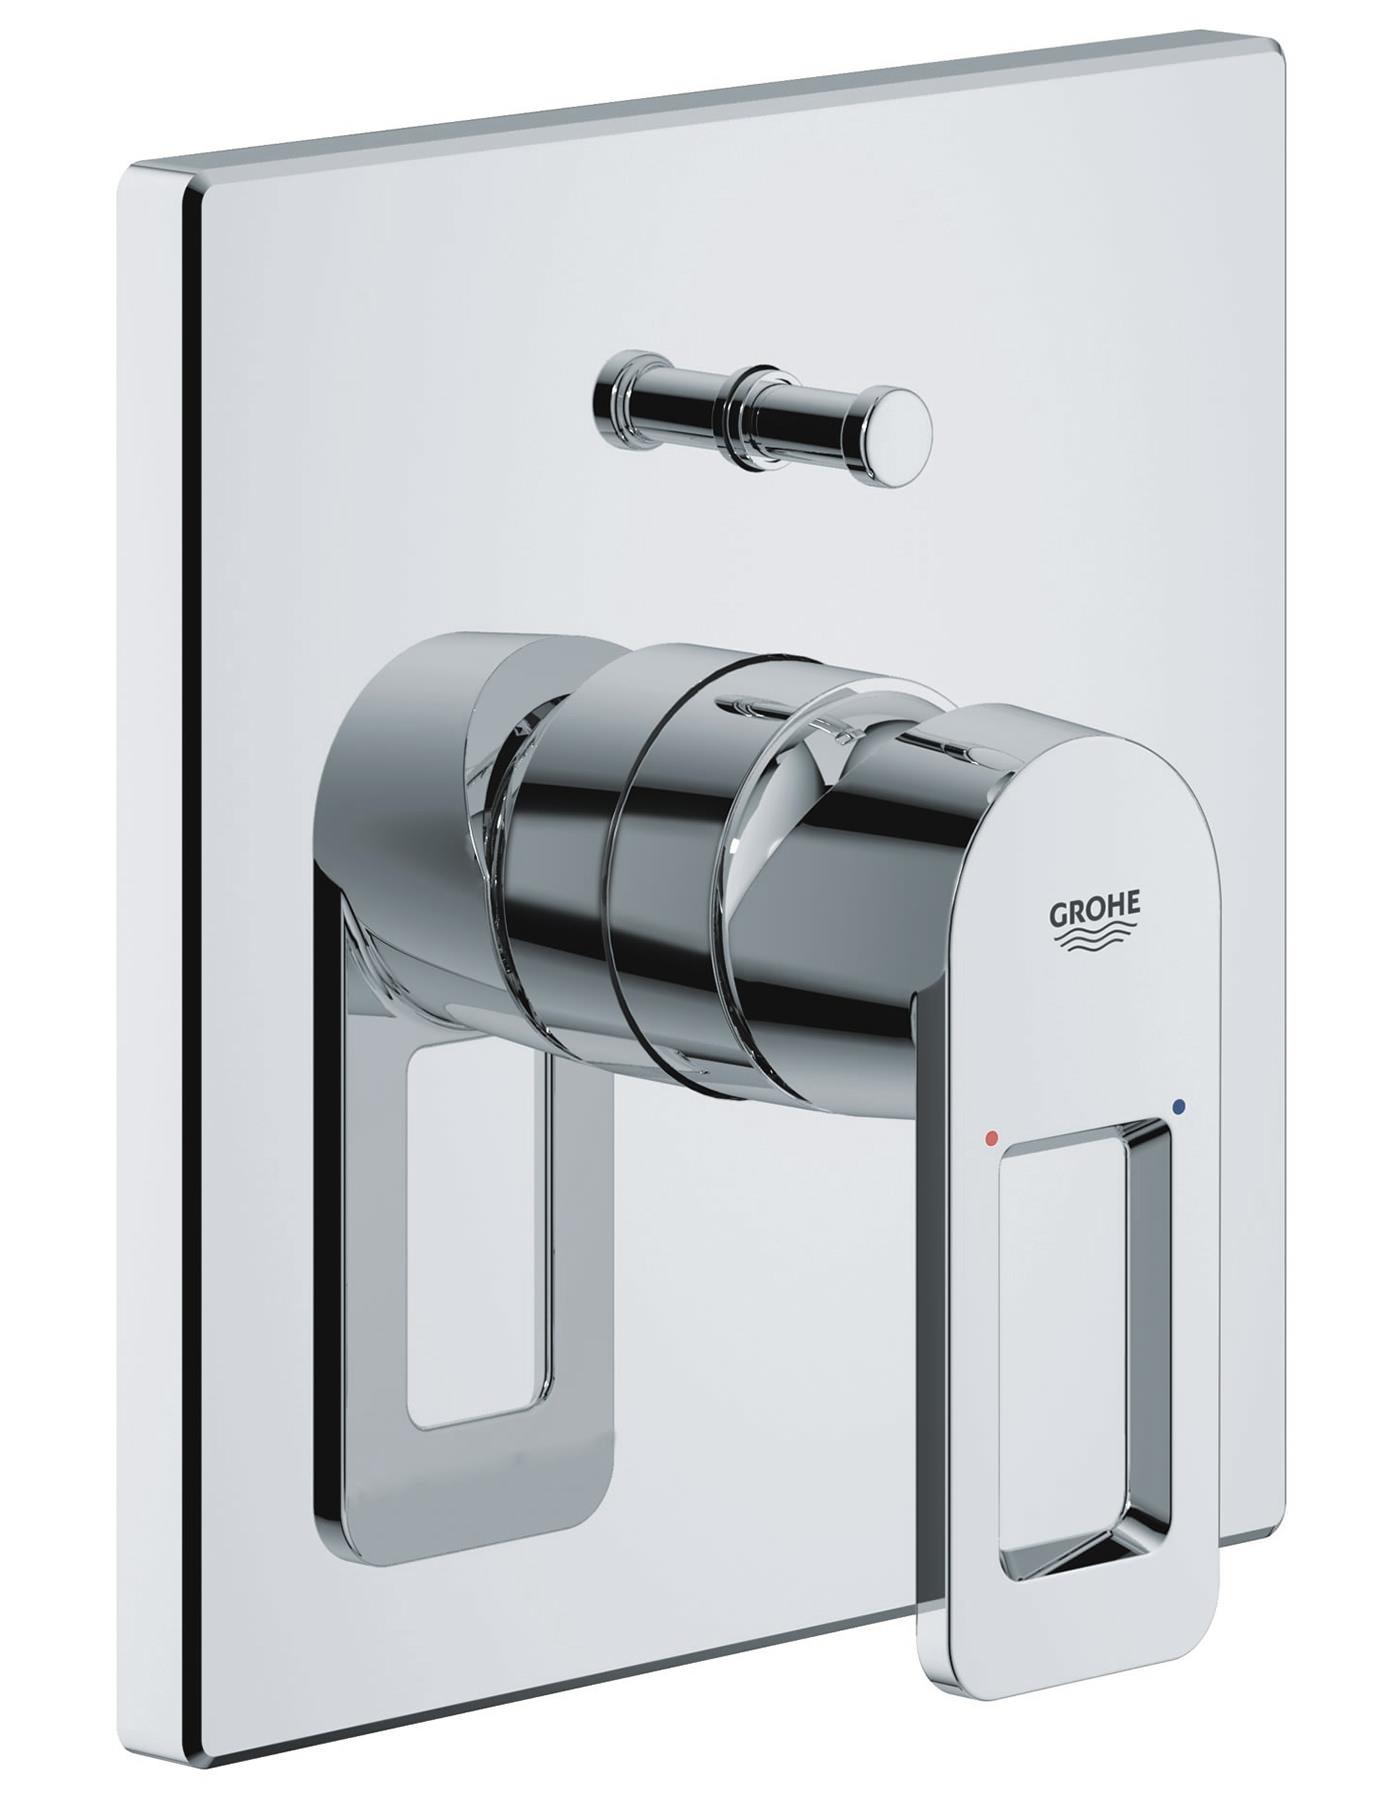 Grohe Quadra Single Lever Bath Shower Mixer Trim And Diverter